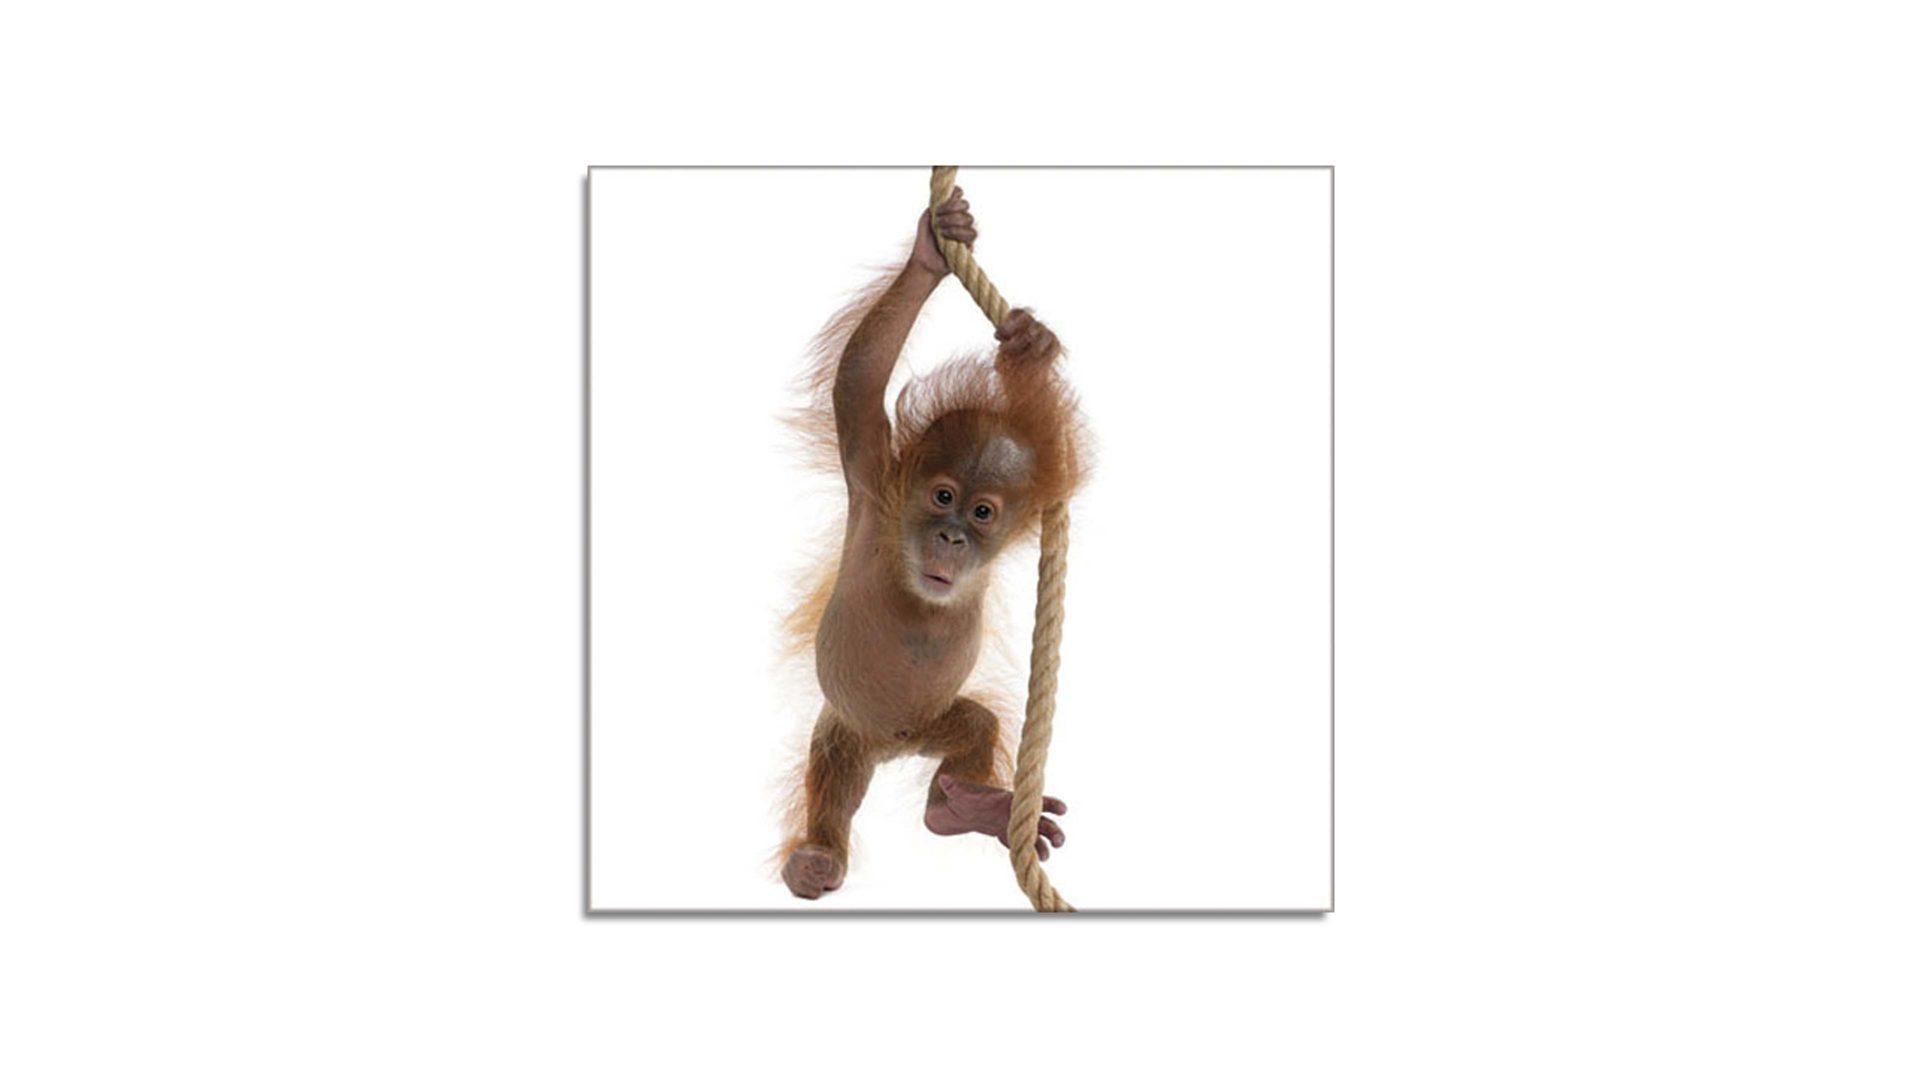 Glasbild Little Monkey I, 4 mm Floatglas mit Motiv, ca. 30 x 30 cm ...